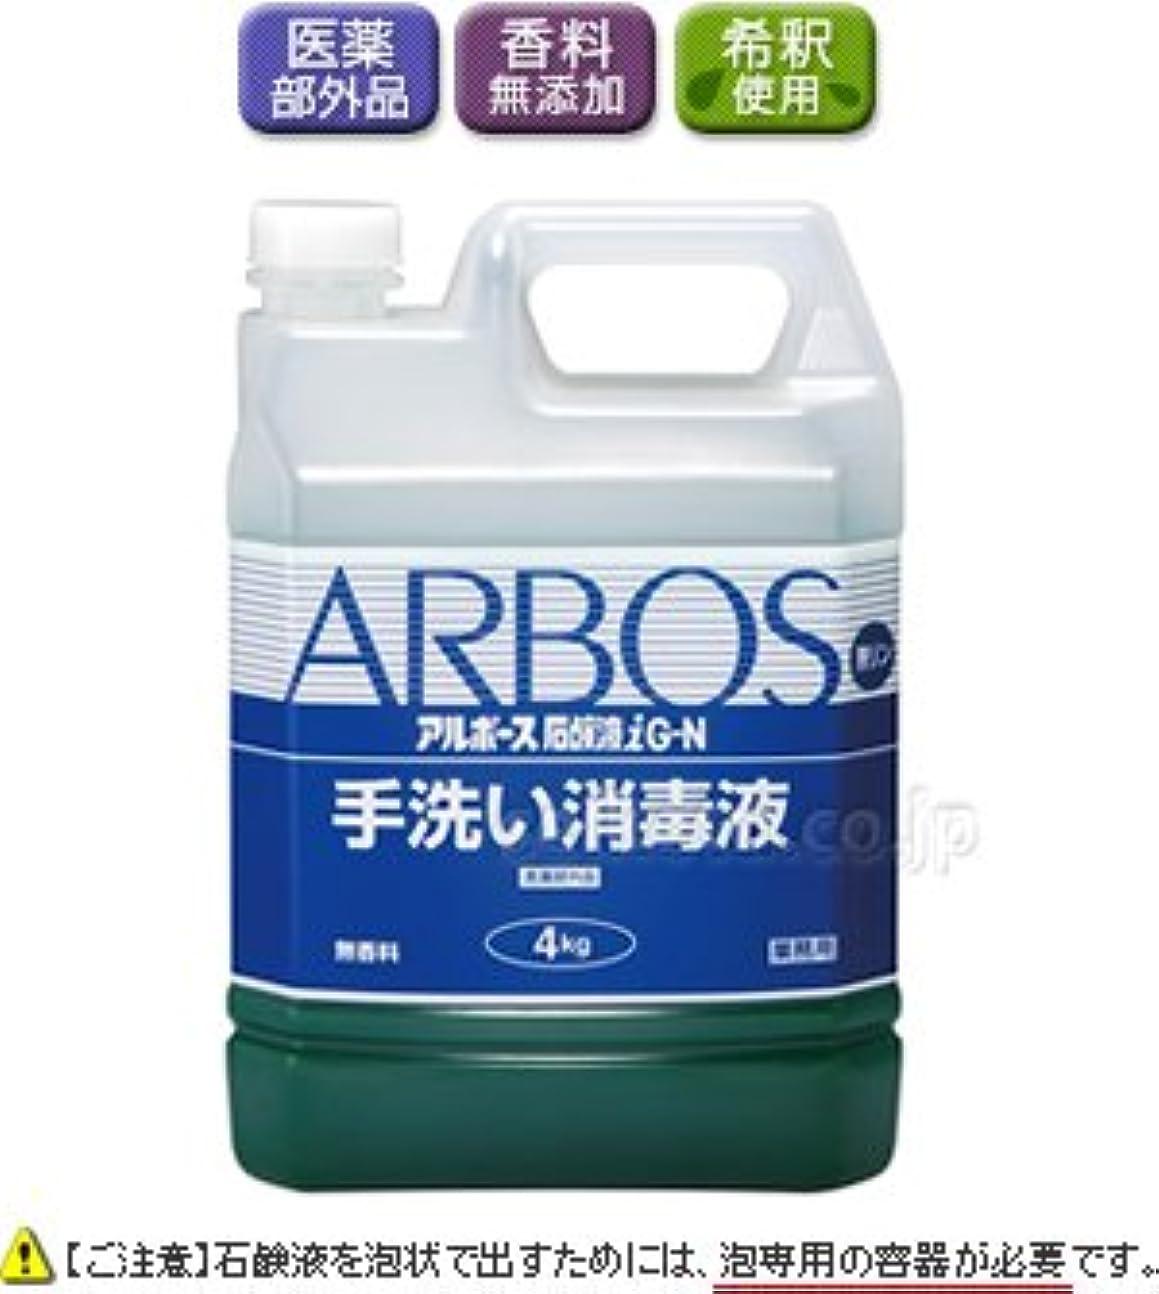 プログレッシブ自発競う【清潔キレイ館】アルボース石鹸液iG-N お得な4kg×4本セット